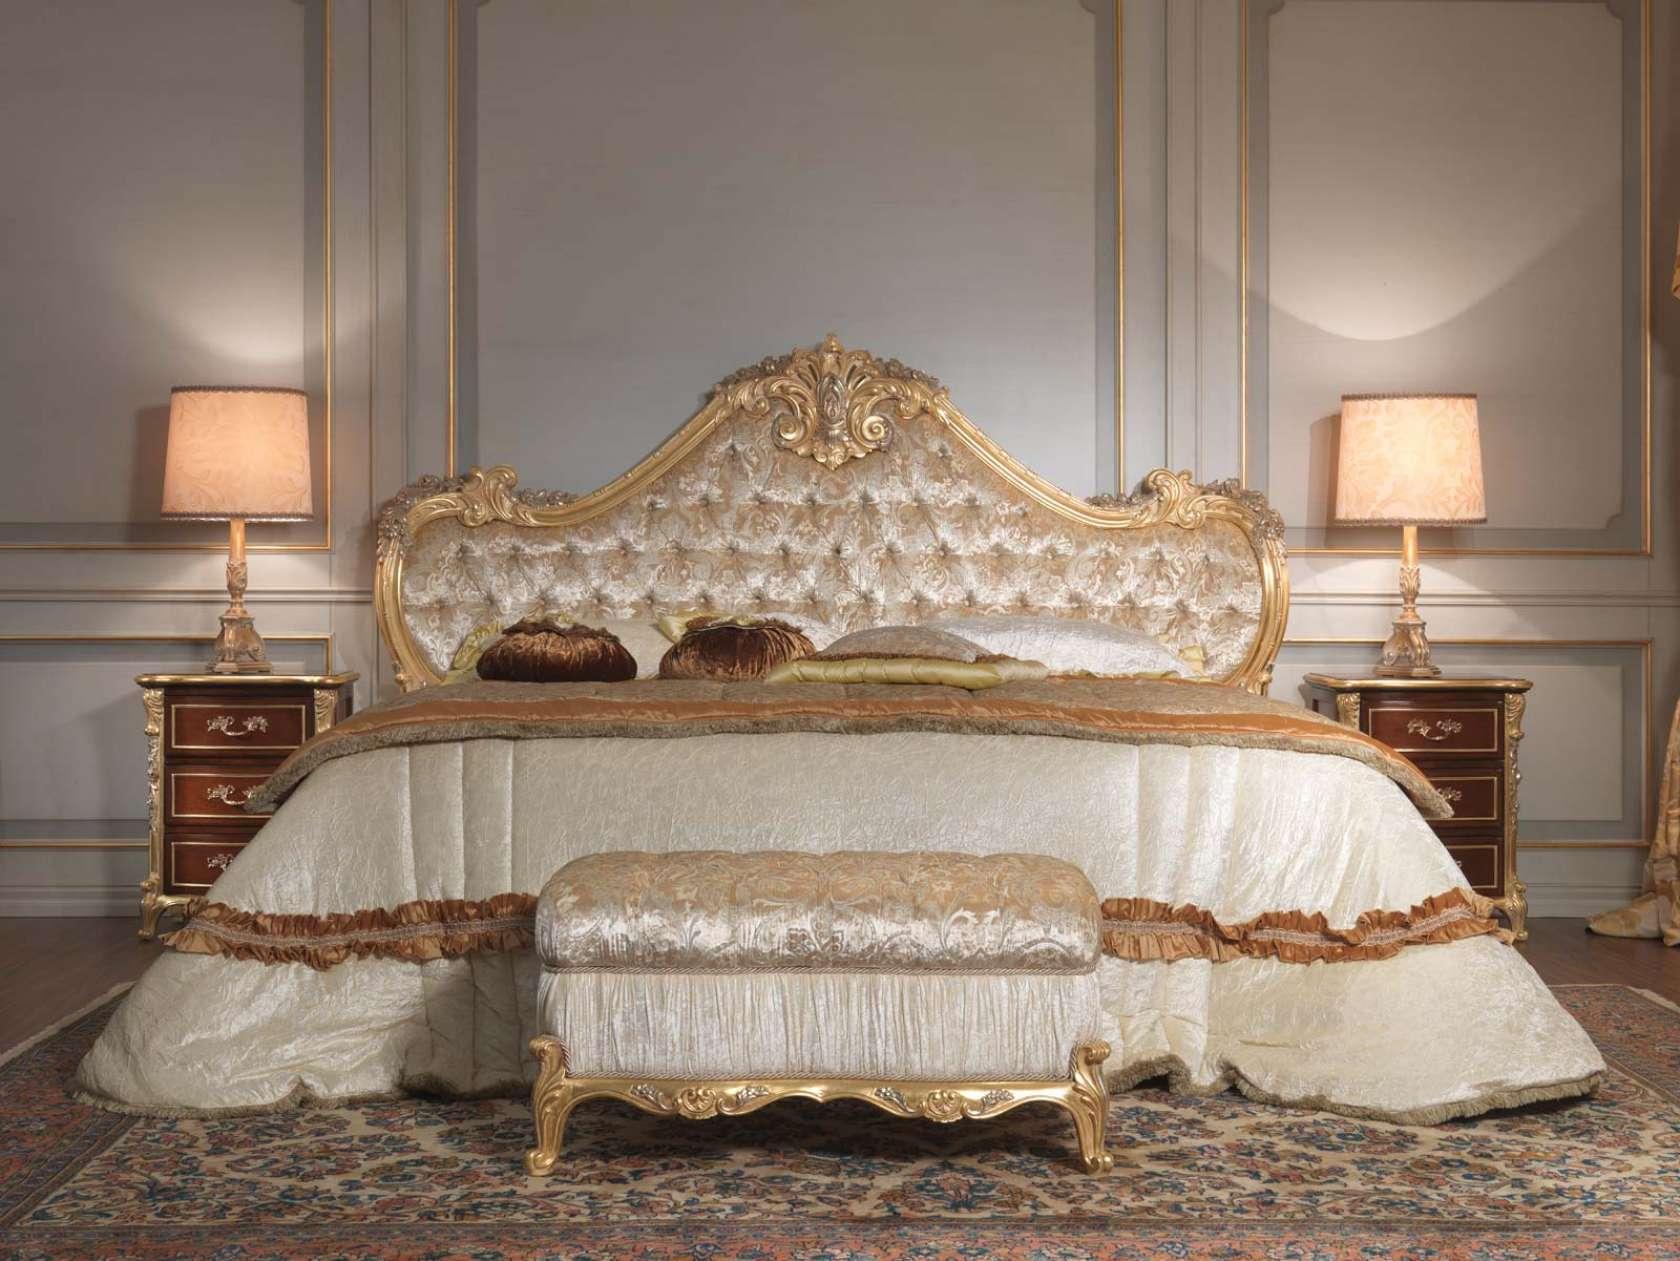 Camera Da Letto Rosa Antico : Come arredare camera da letto classica. perfect camere da letto